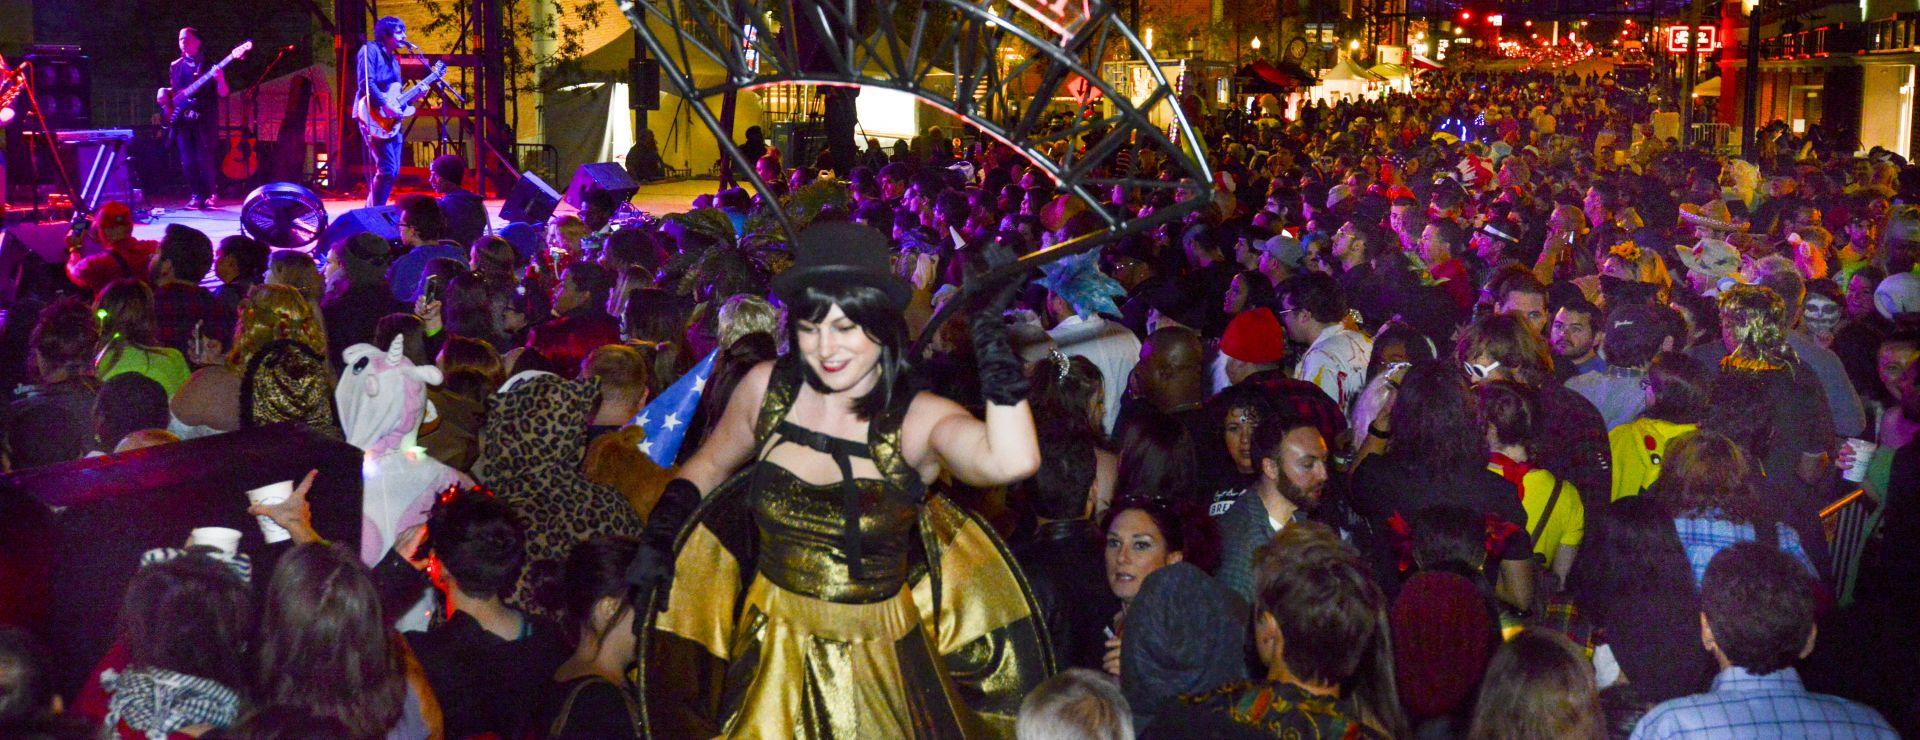 columbus, ohio events   festivals, annual events & music